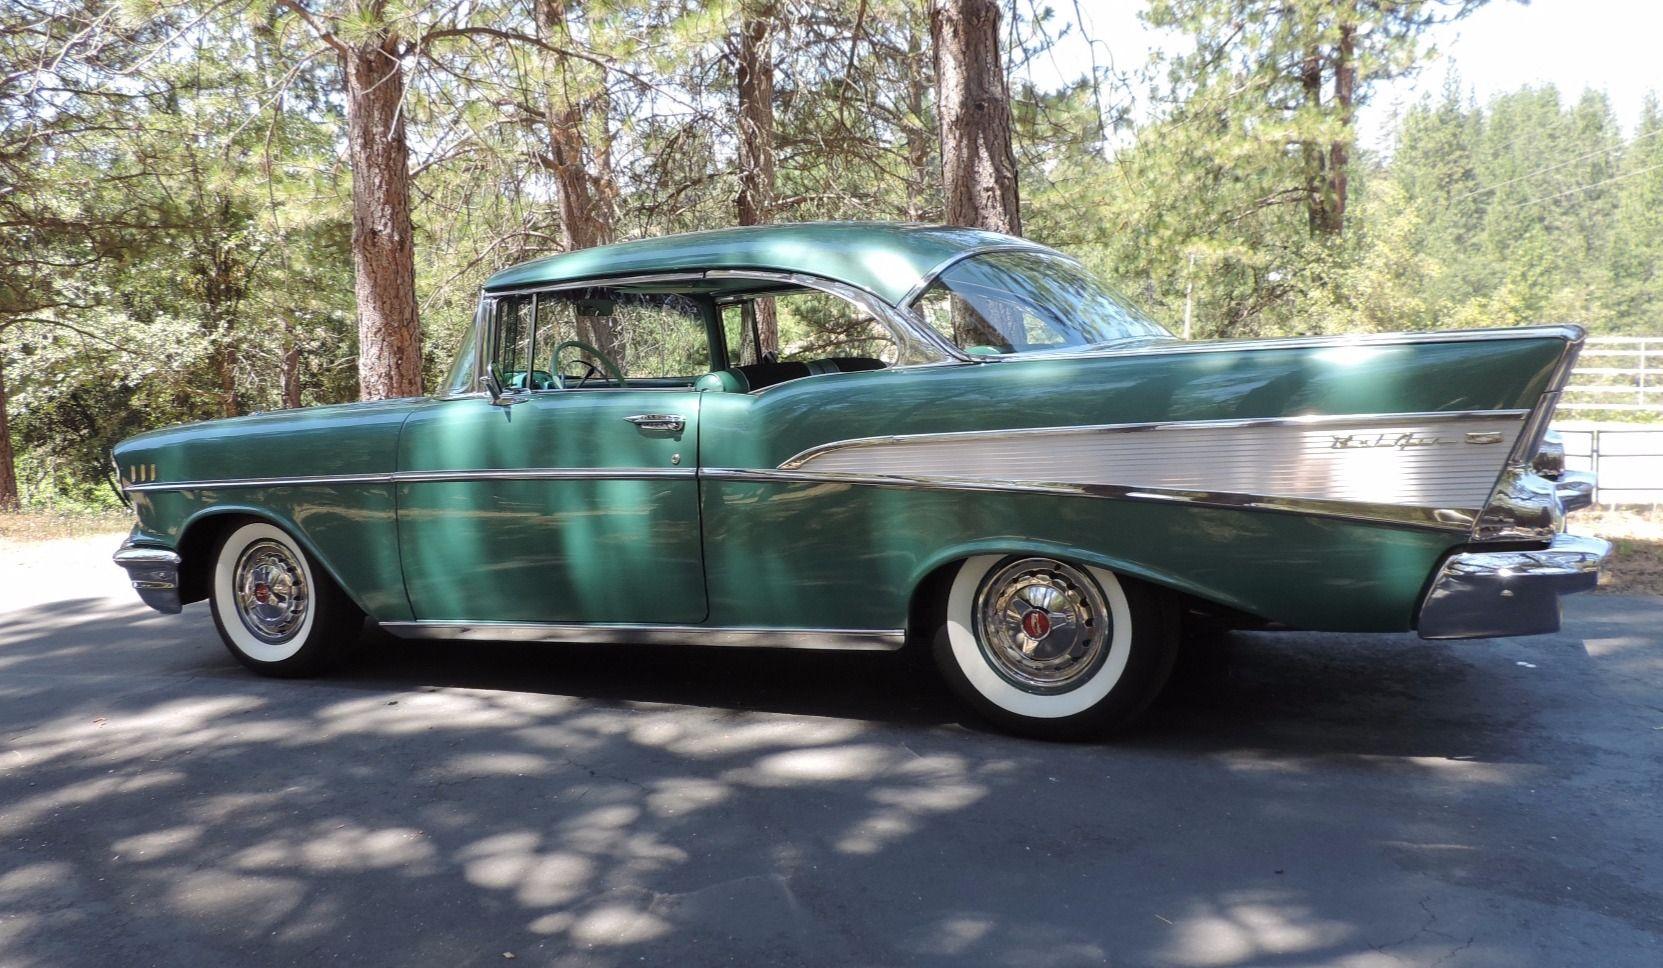 1957 Chevrolet Bel Air 2 Door Hardtop Goruntuler Ile